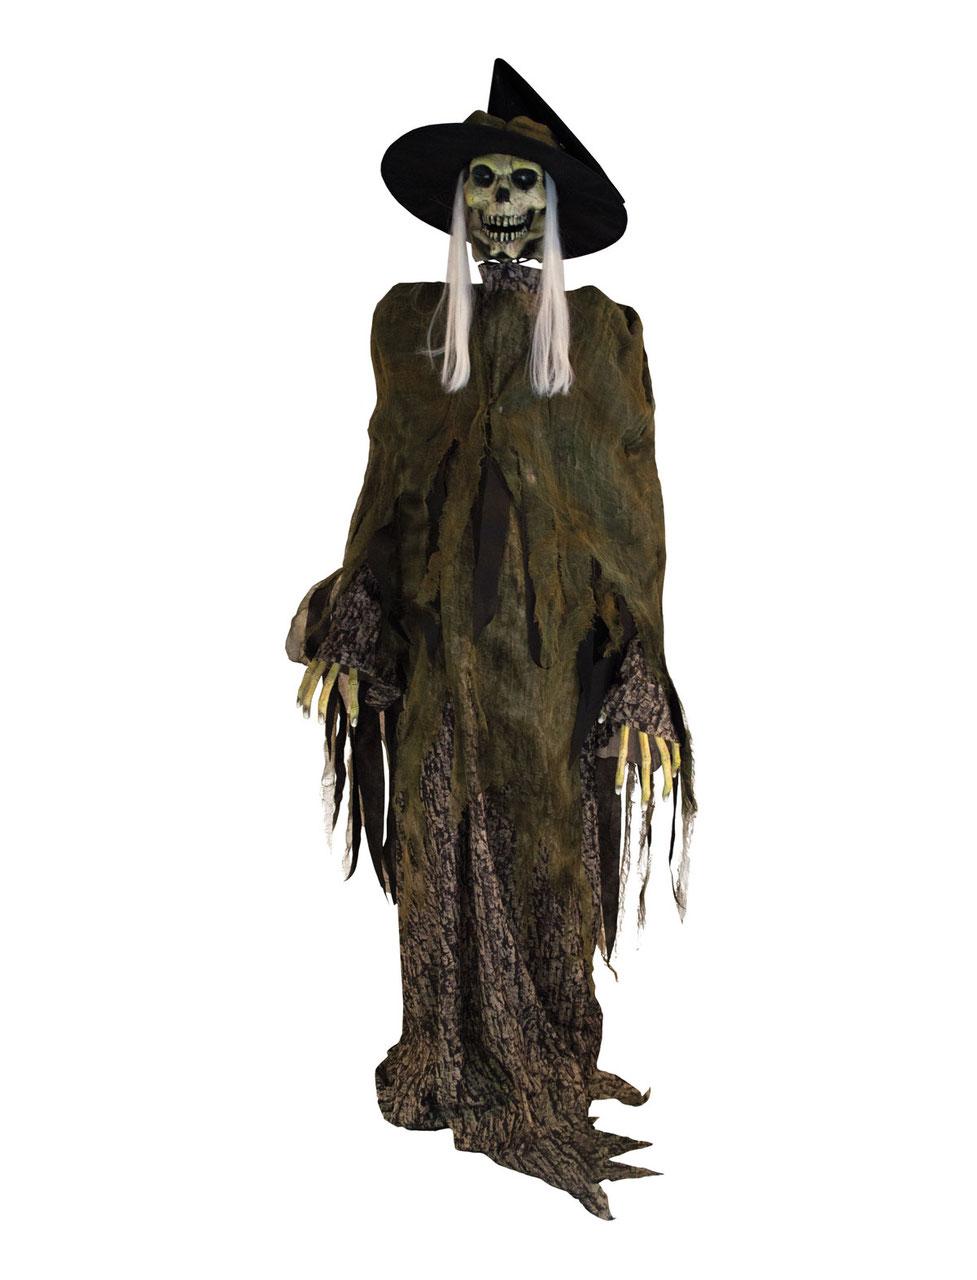 Skeletthexe Halloweenshop Halloween Dekoration Onlineshop Fur Halloween Deko Animierte Figuren Lebensgrosse Animatronics Und Gruselige Halloween Deko